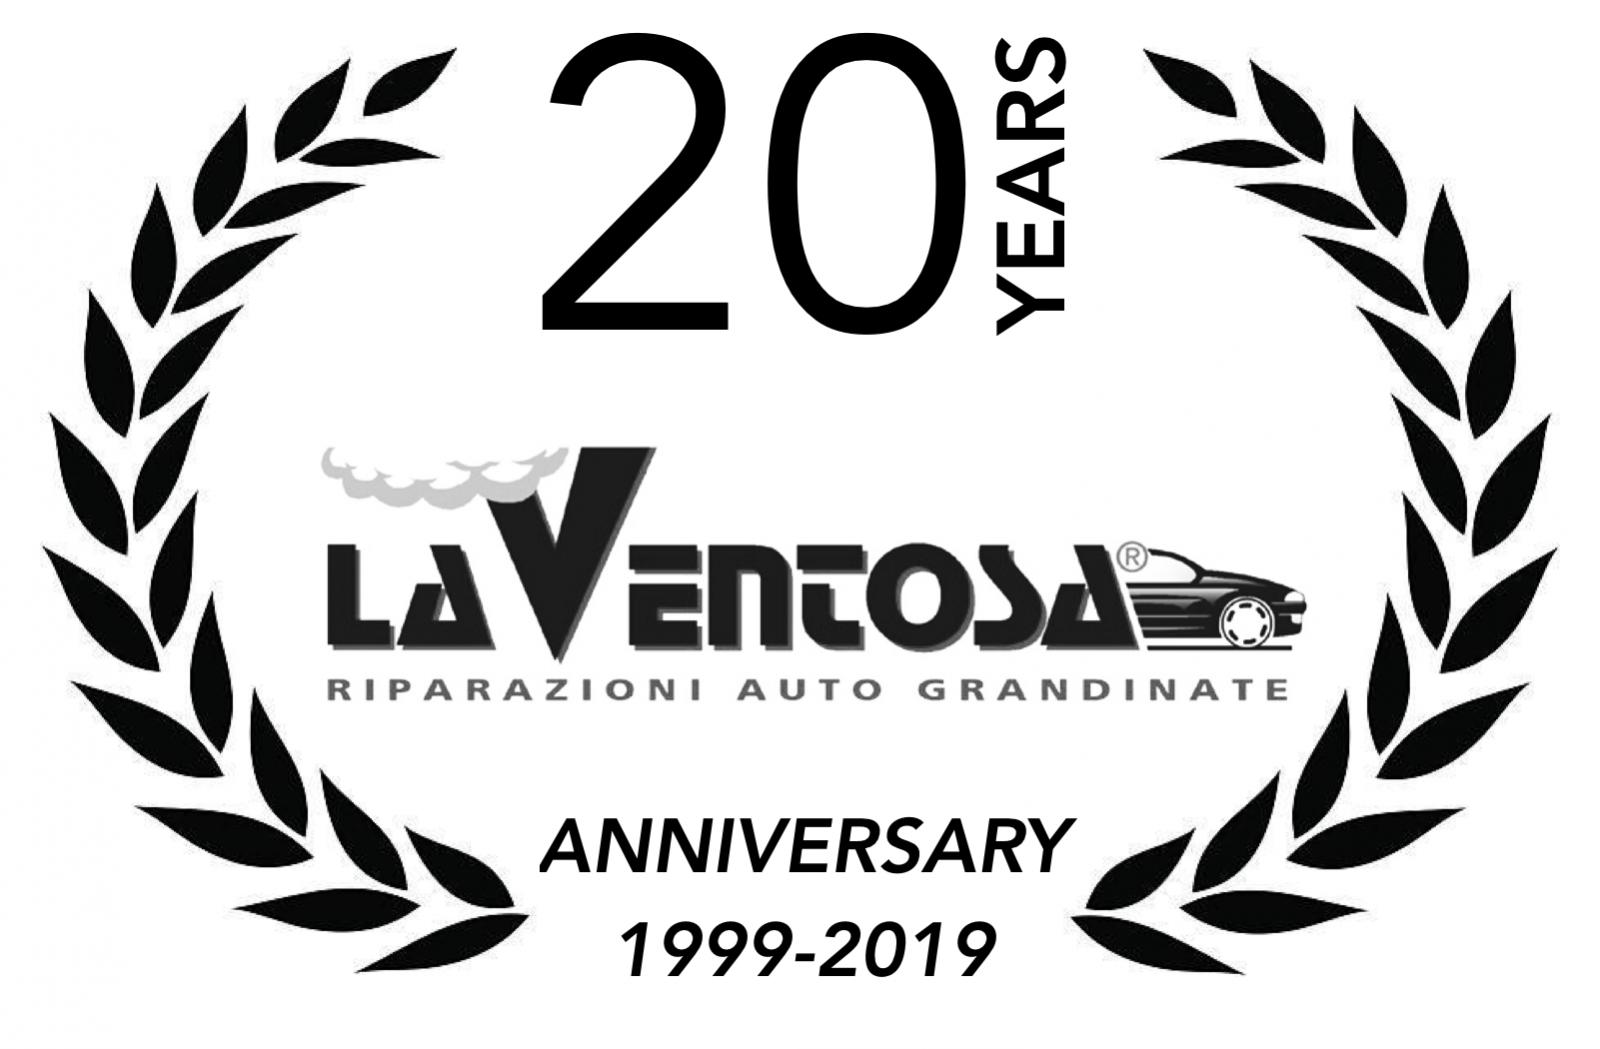 anniversario 20 anni